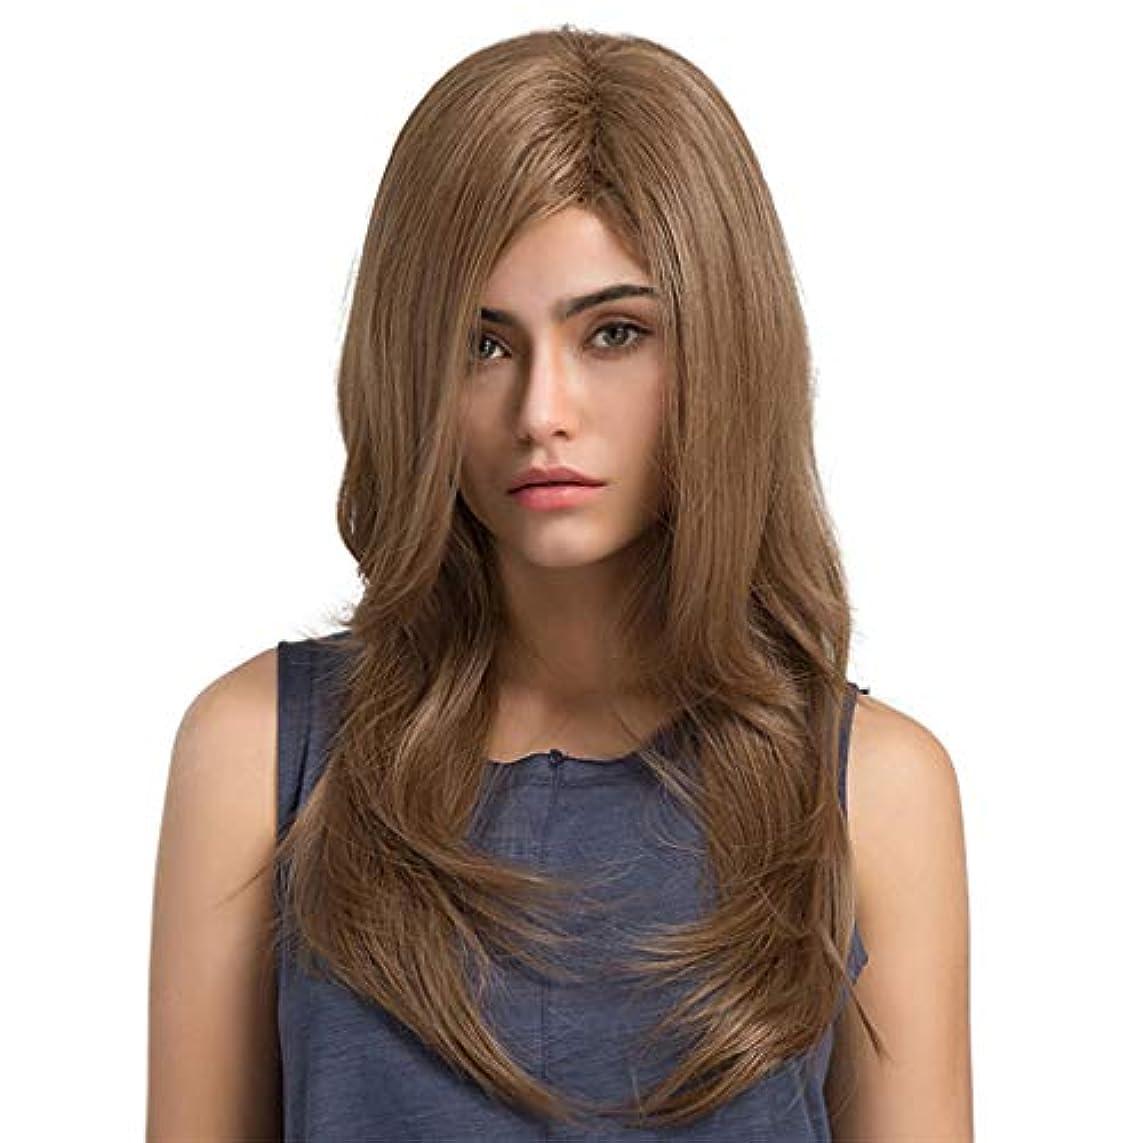 ニックネーム奇妙な窒息させる女性の長い巻き毛のかつら パーティーかつら65 cm